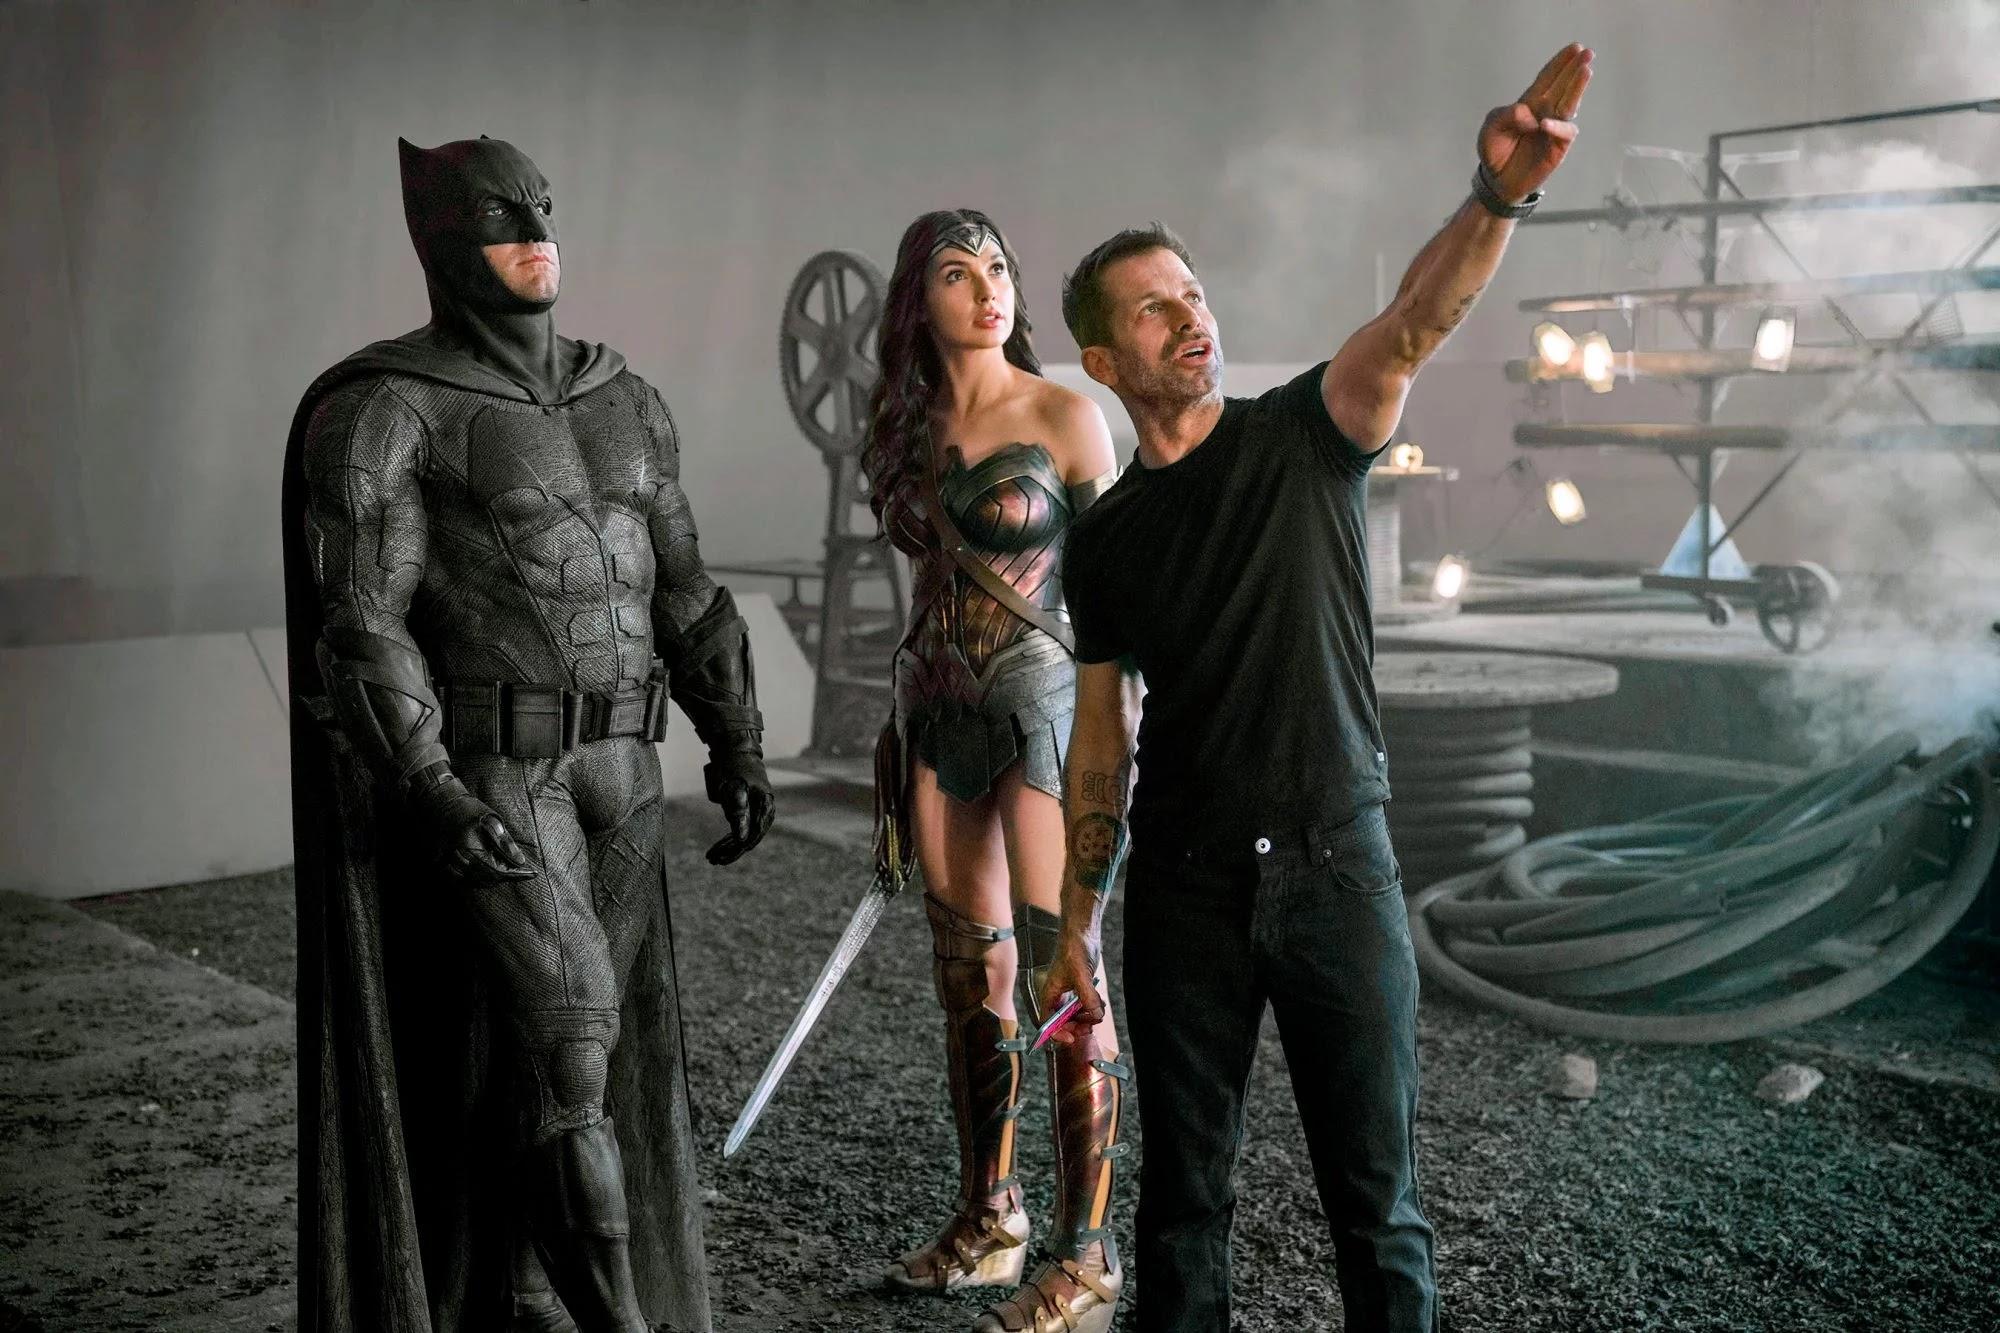 Liga da Justiça: Zack Snyder filmará novas cenas com Affleck, Gadot, Fisher e mais